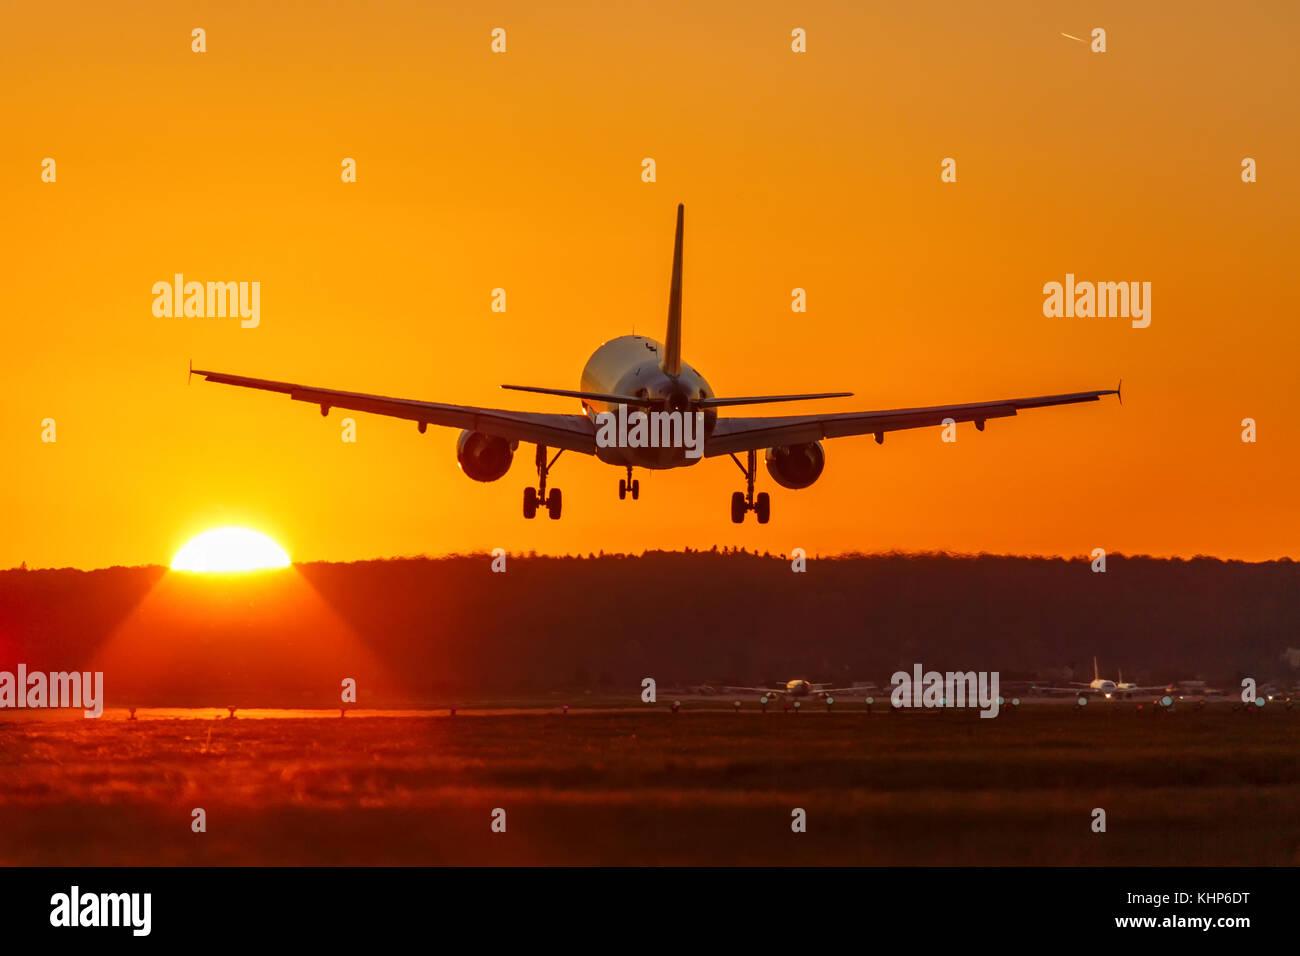 Atterraggio aereo battenti airport sun tramonto vacanza vacanze viaggio aereo viaggio aereo in volo Immagini Stock